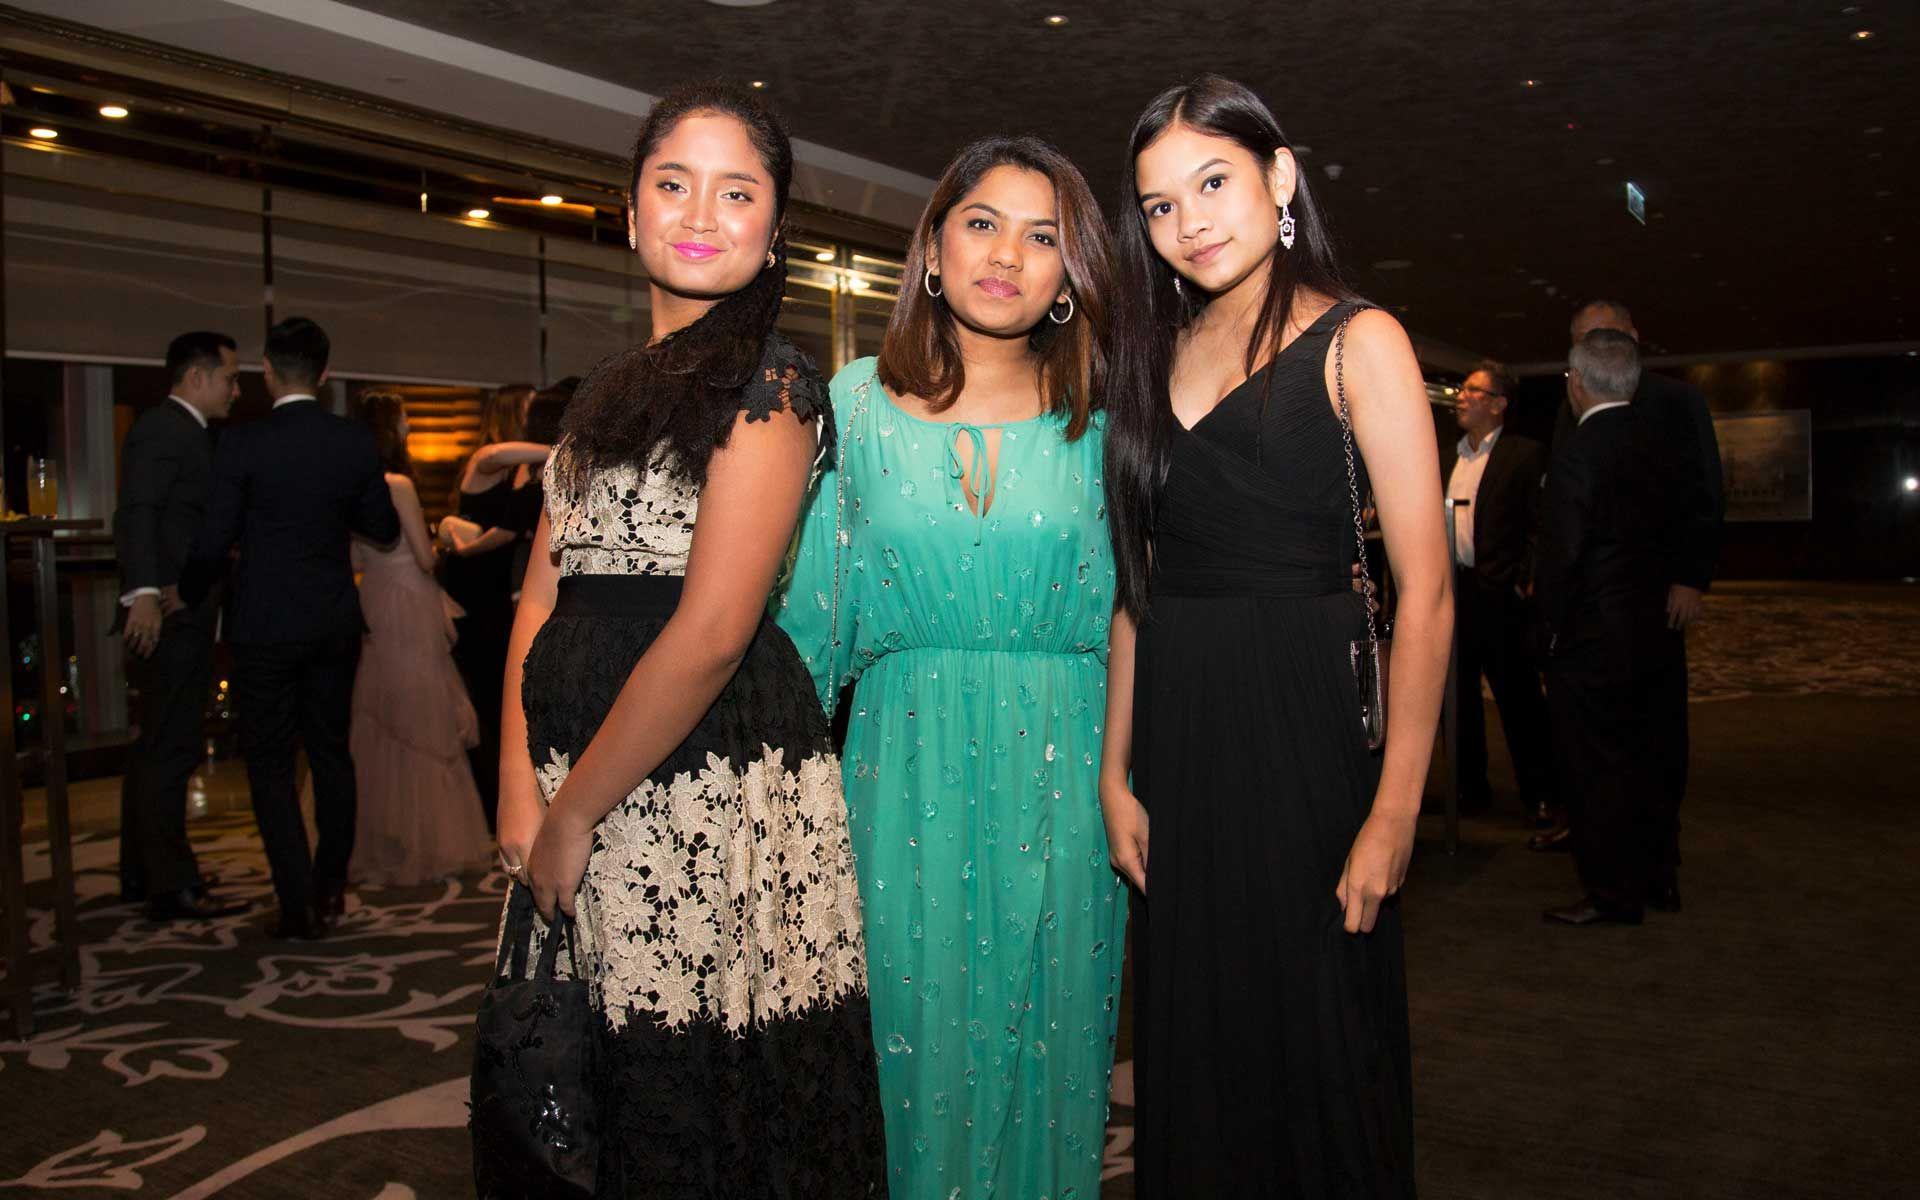 Aissa Sufian, Amelia Zulfitri and Myra Zulfitri